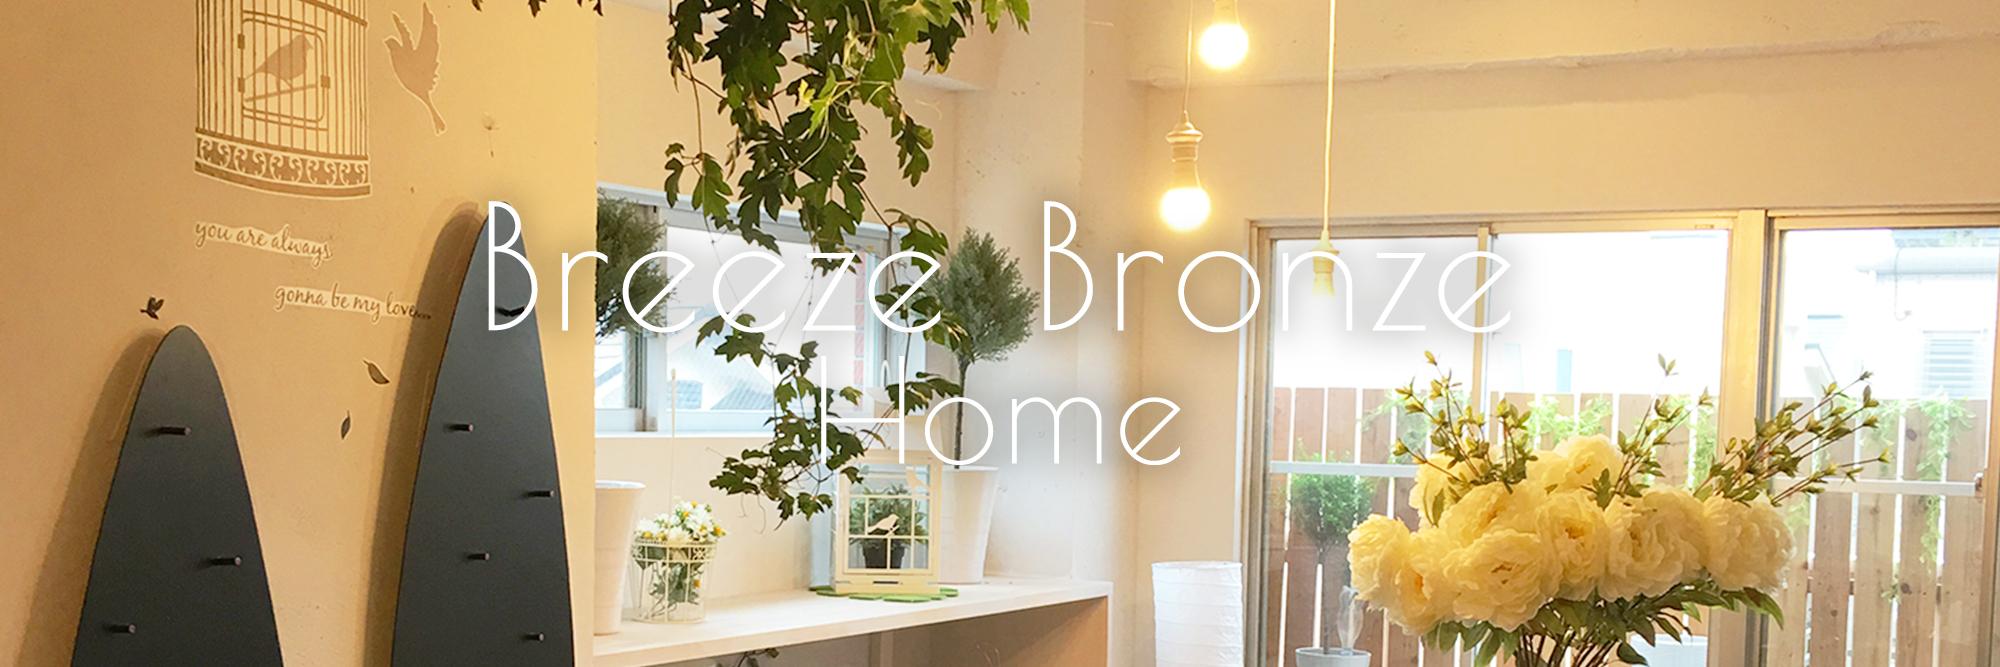 ブリーズ・ブロンズ・ホーム|Breeze Bronze Home